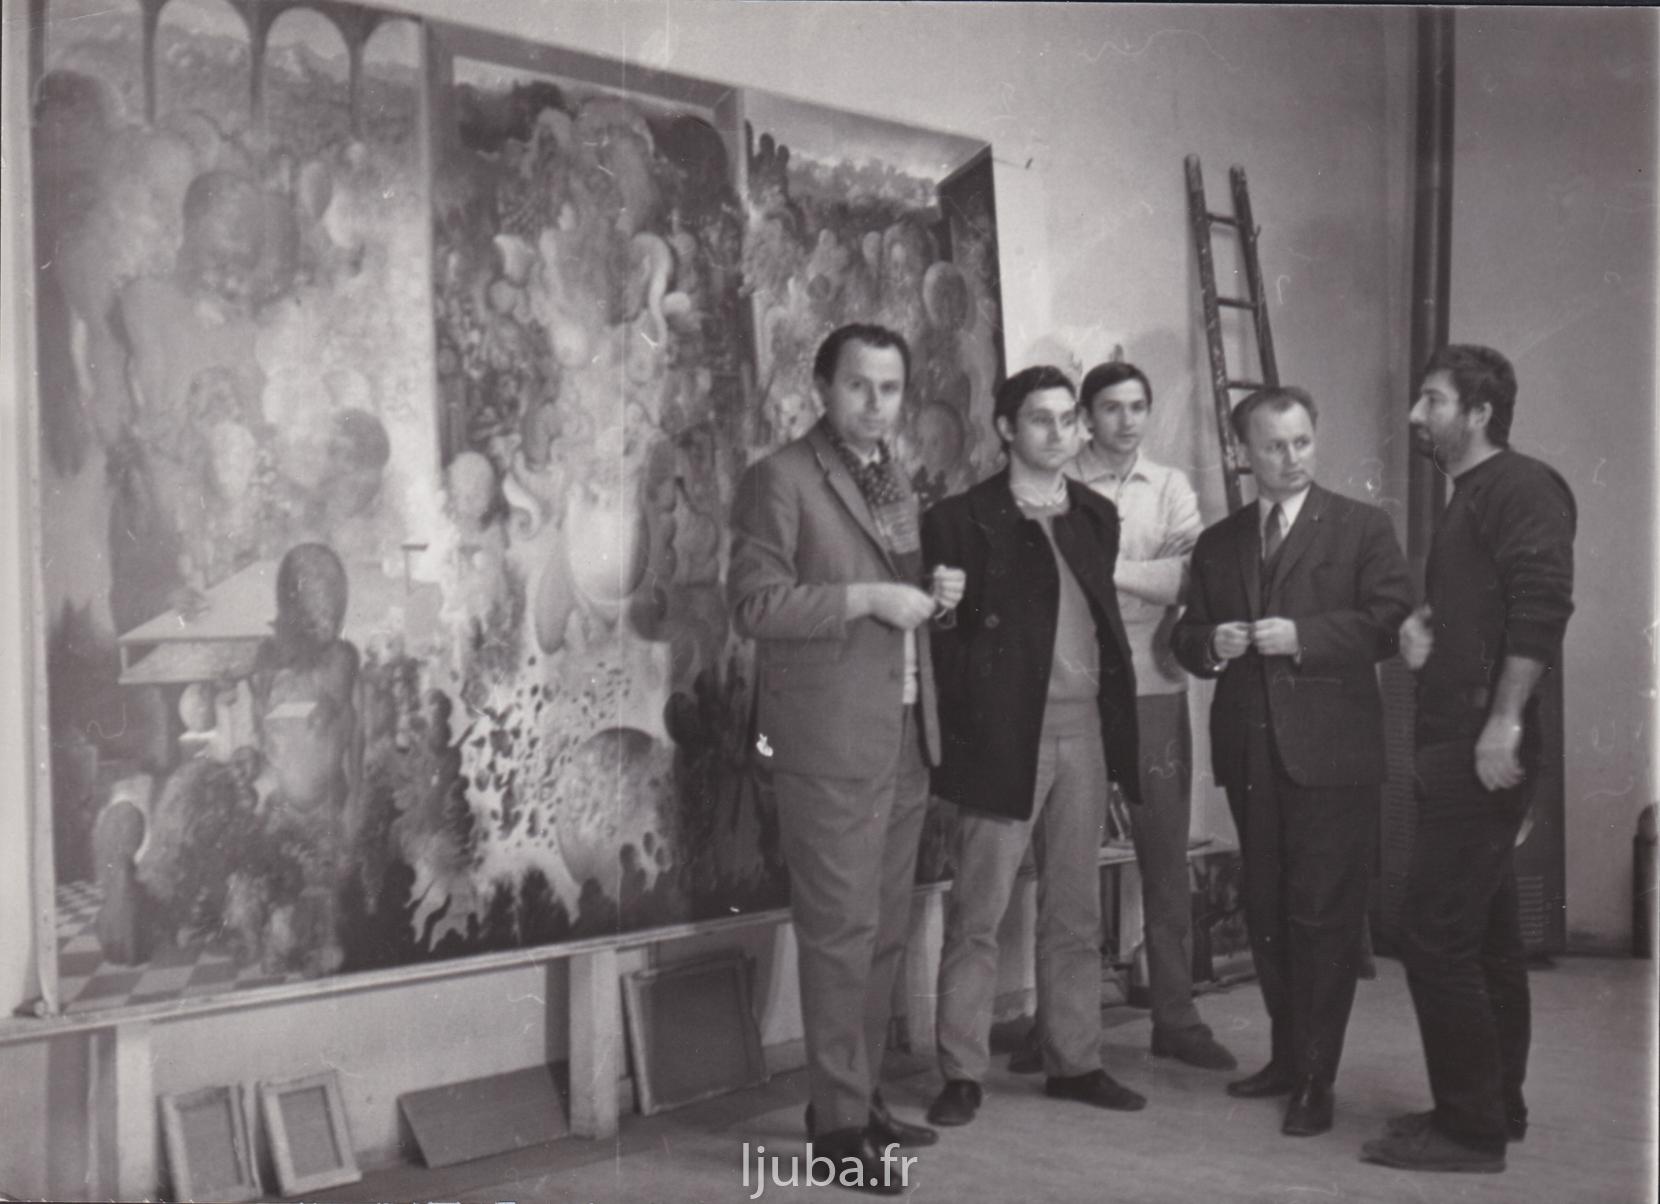 22. 1968., Atelje Odesa, ekipa televizije, snimanje filma o Medijali_